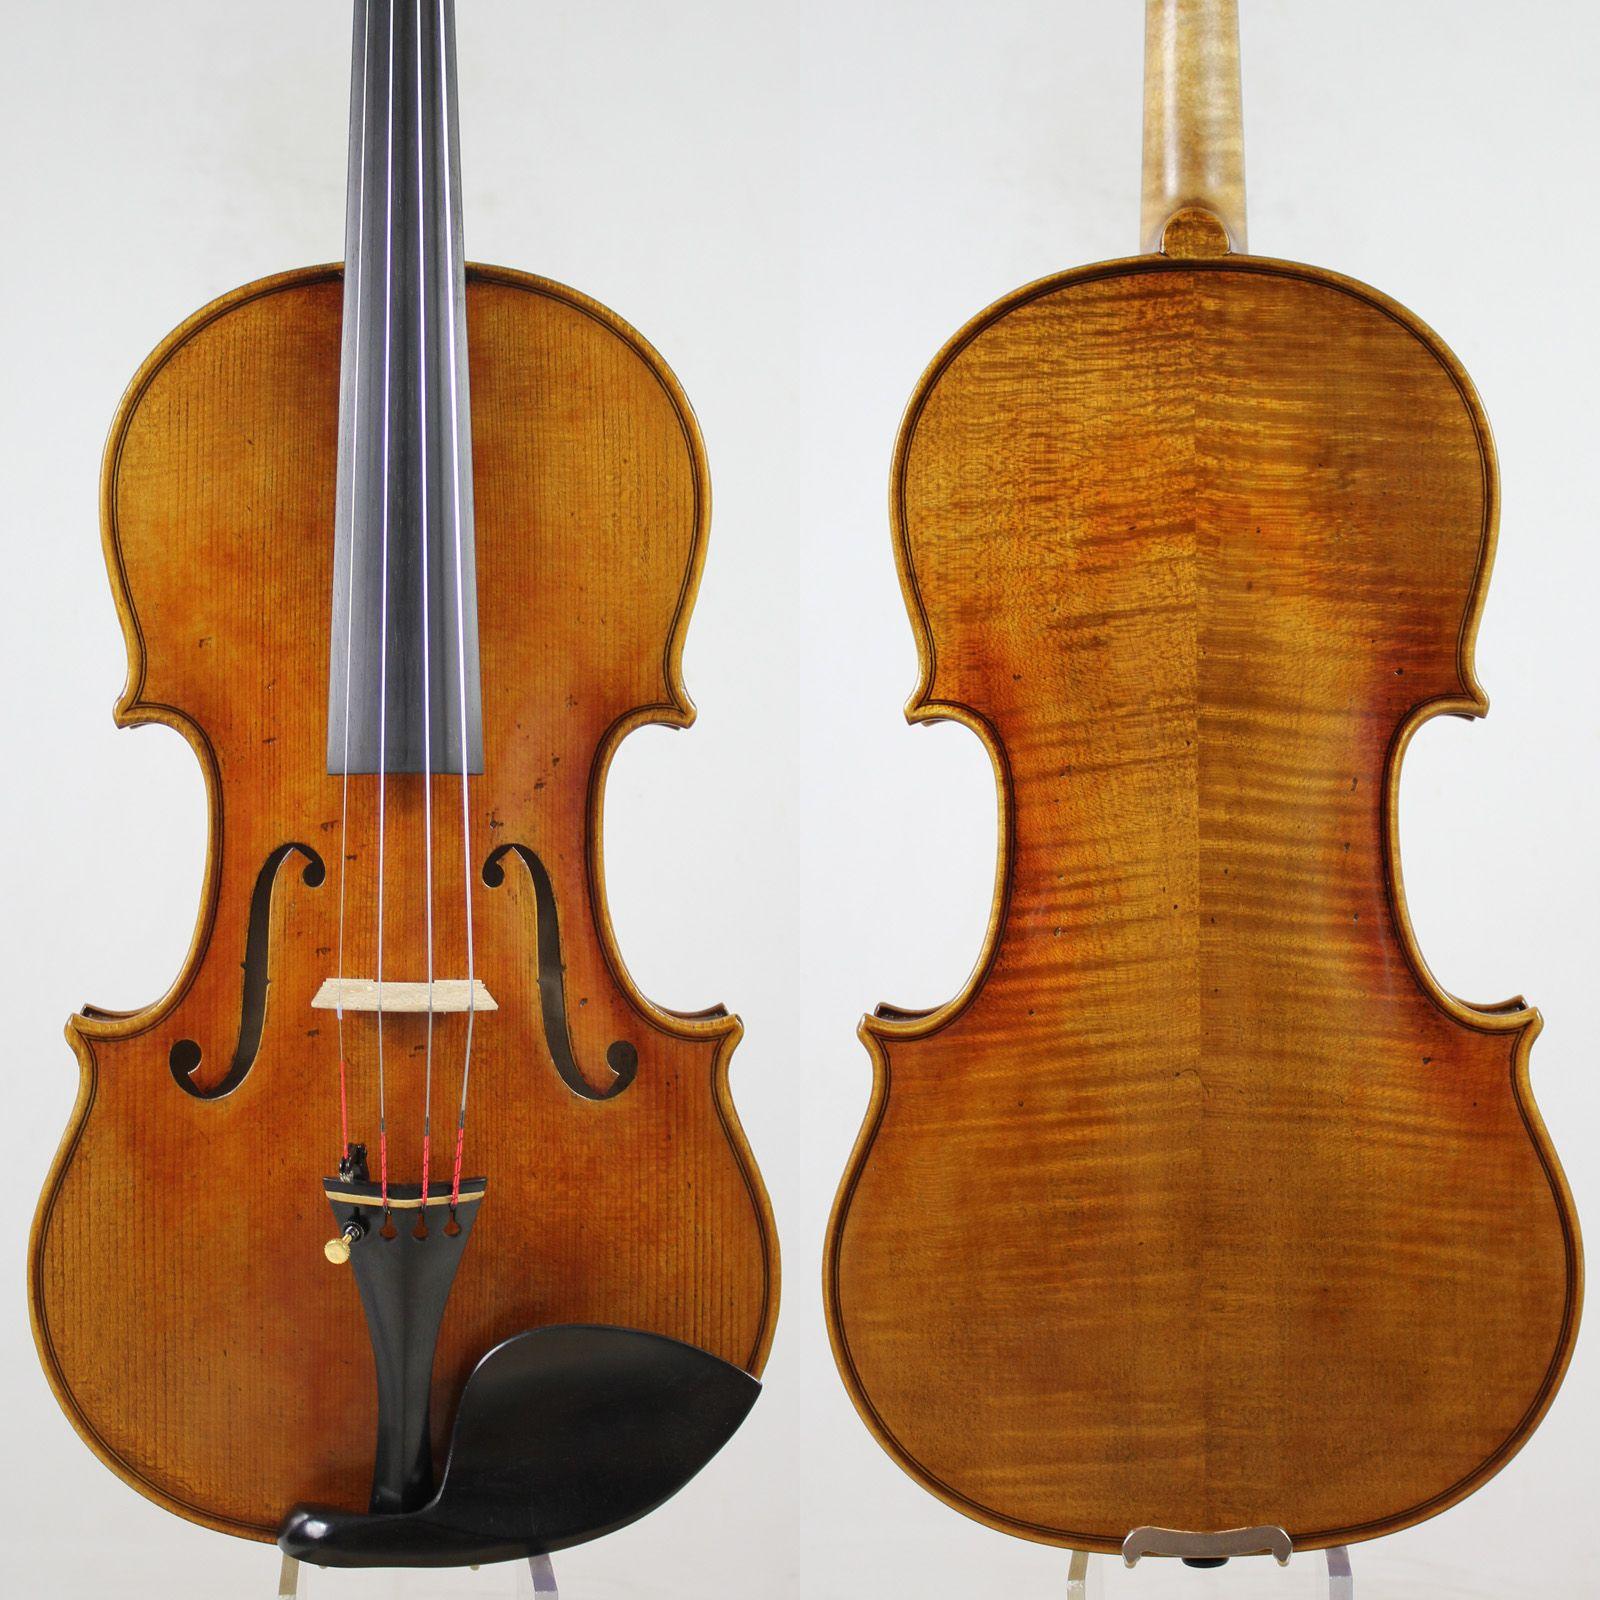 Linkshänder Stradivarius Kruse 1721 Violine violino Alle Europäischen Holz Bester ton